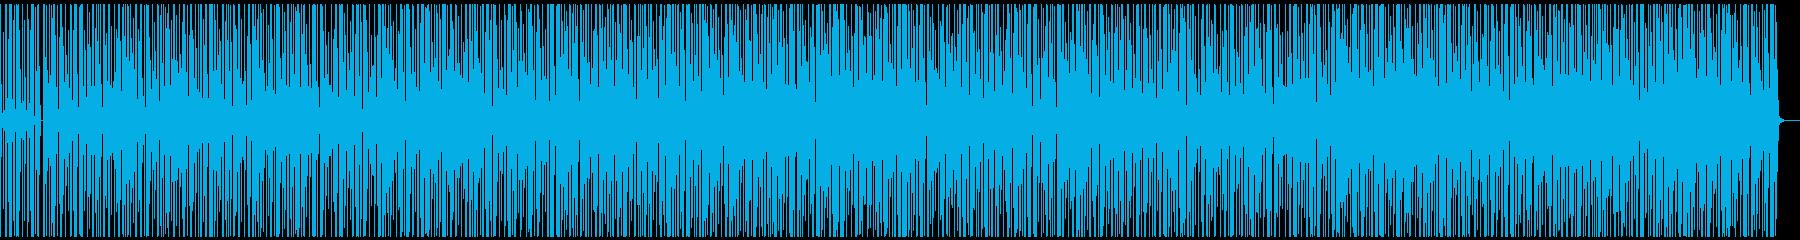 謎解きのBGMの再生済みの波形